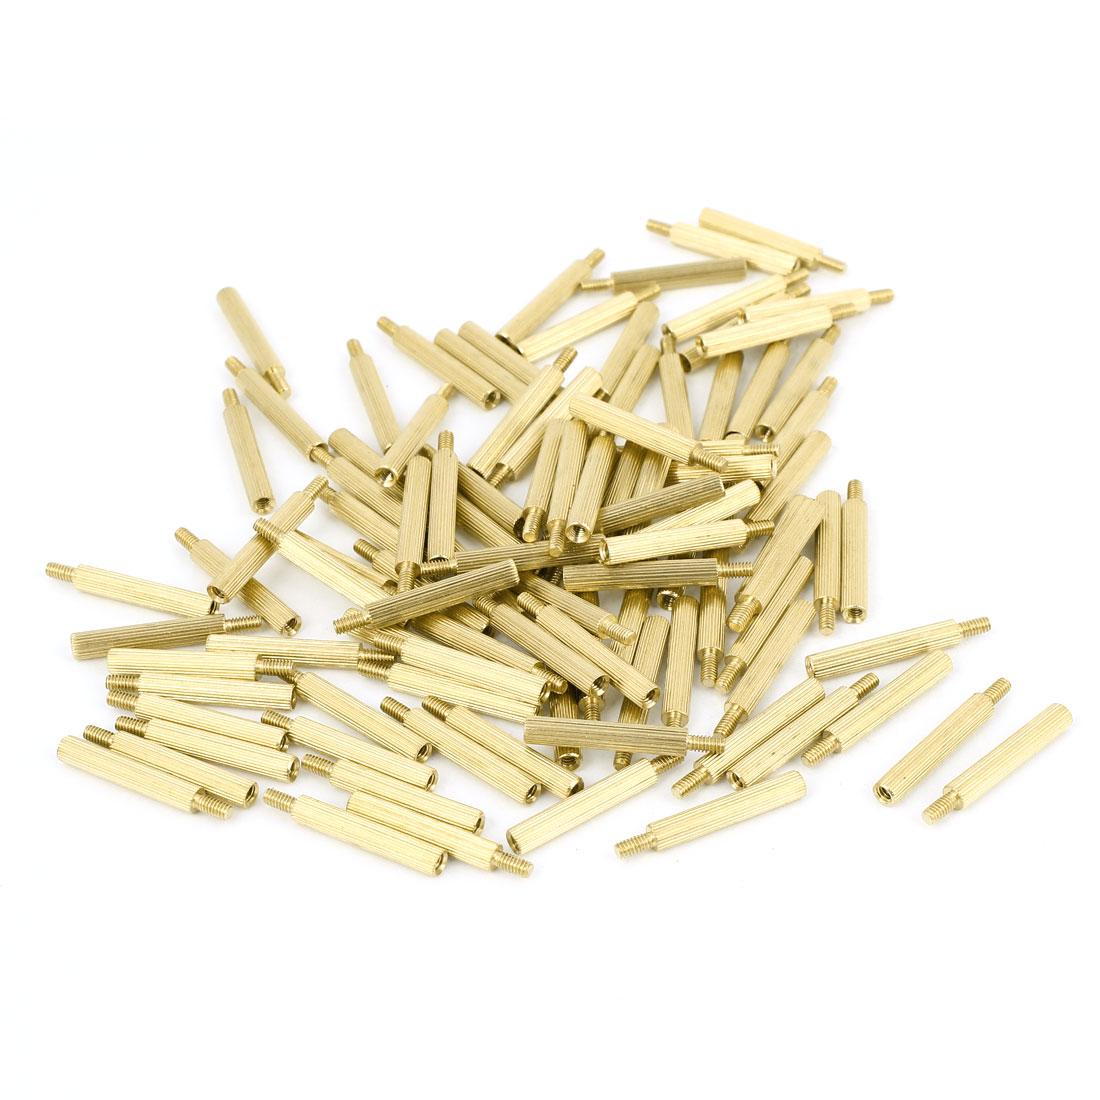 100Pcs Male to Female Thread PCB Board Brass Pillars Standoff M2x18mm